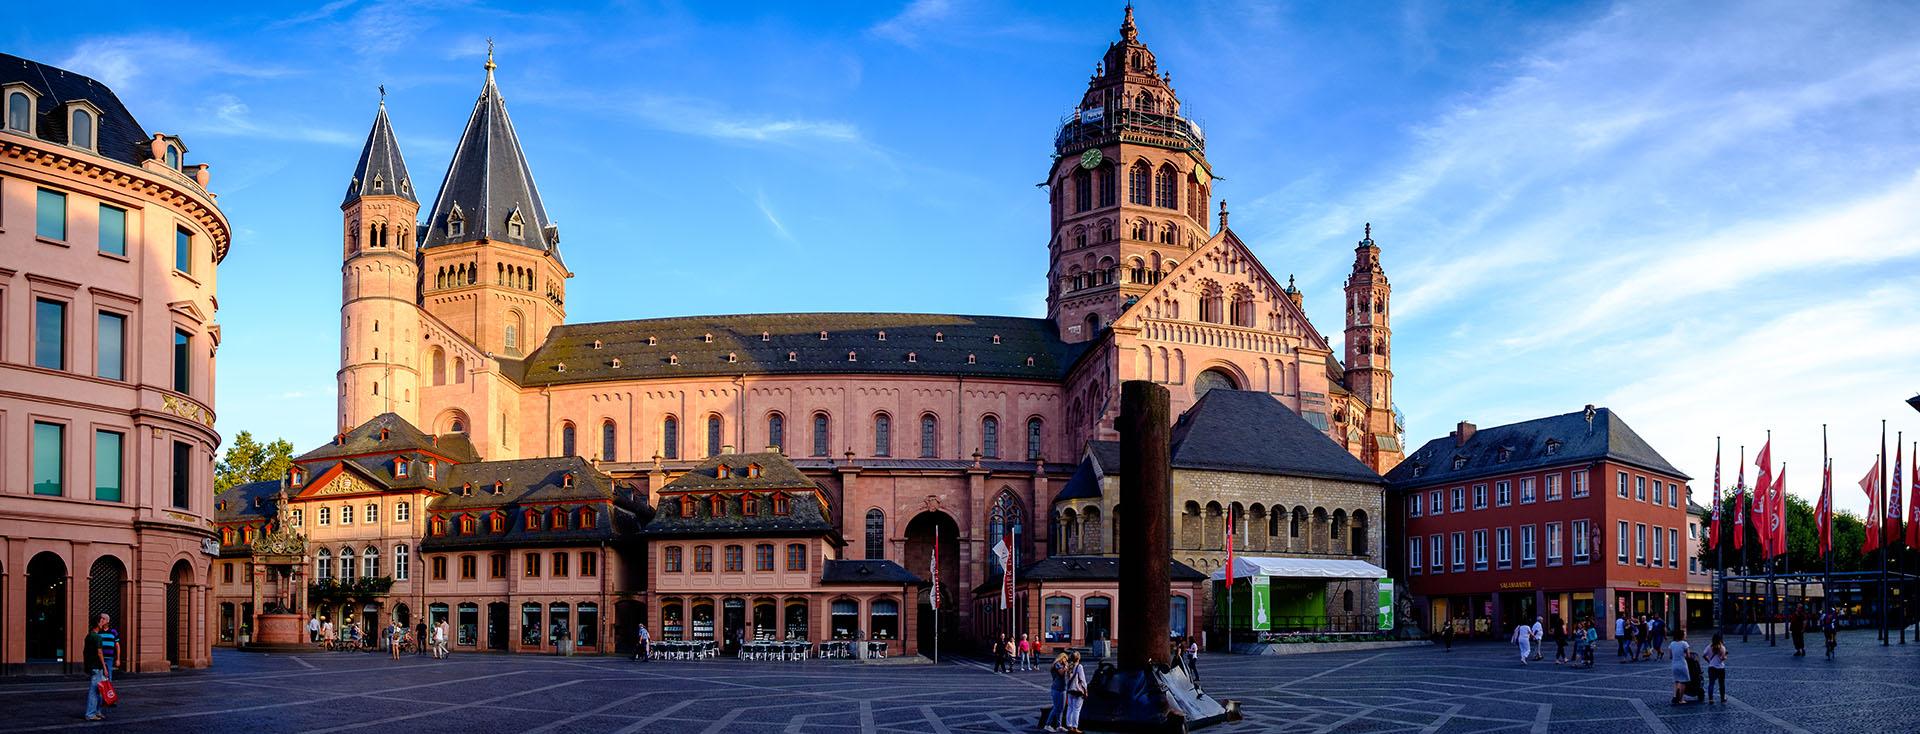 Gebrauchtwagen Mainz